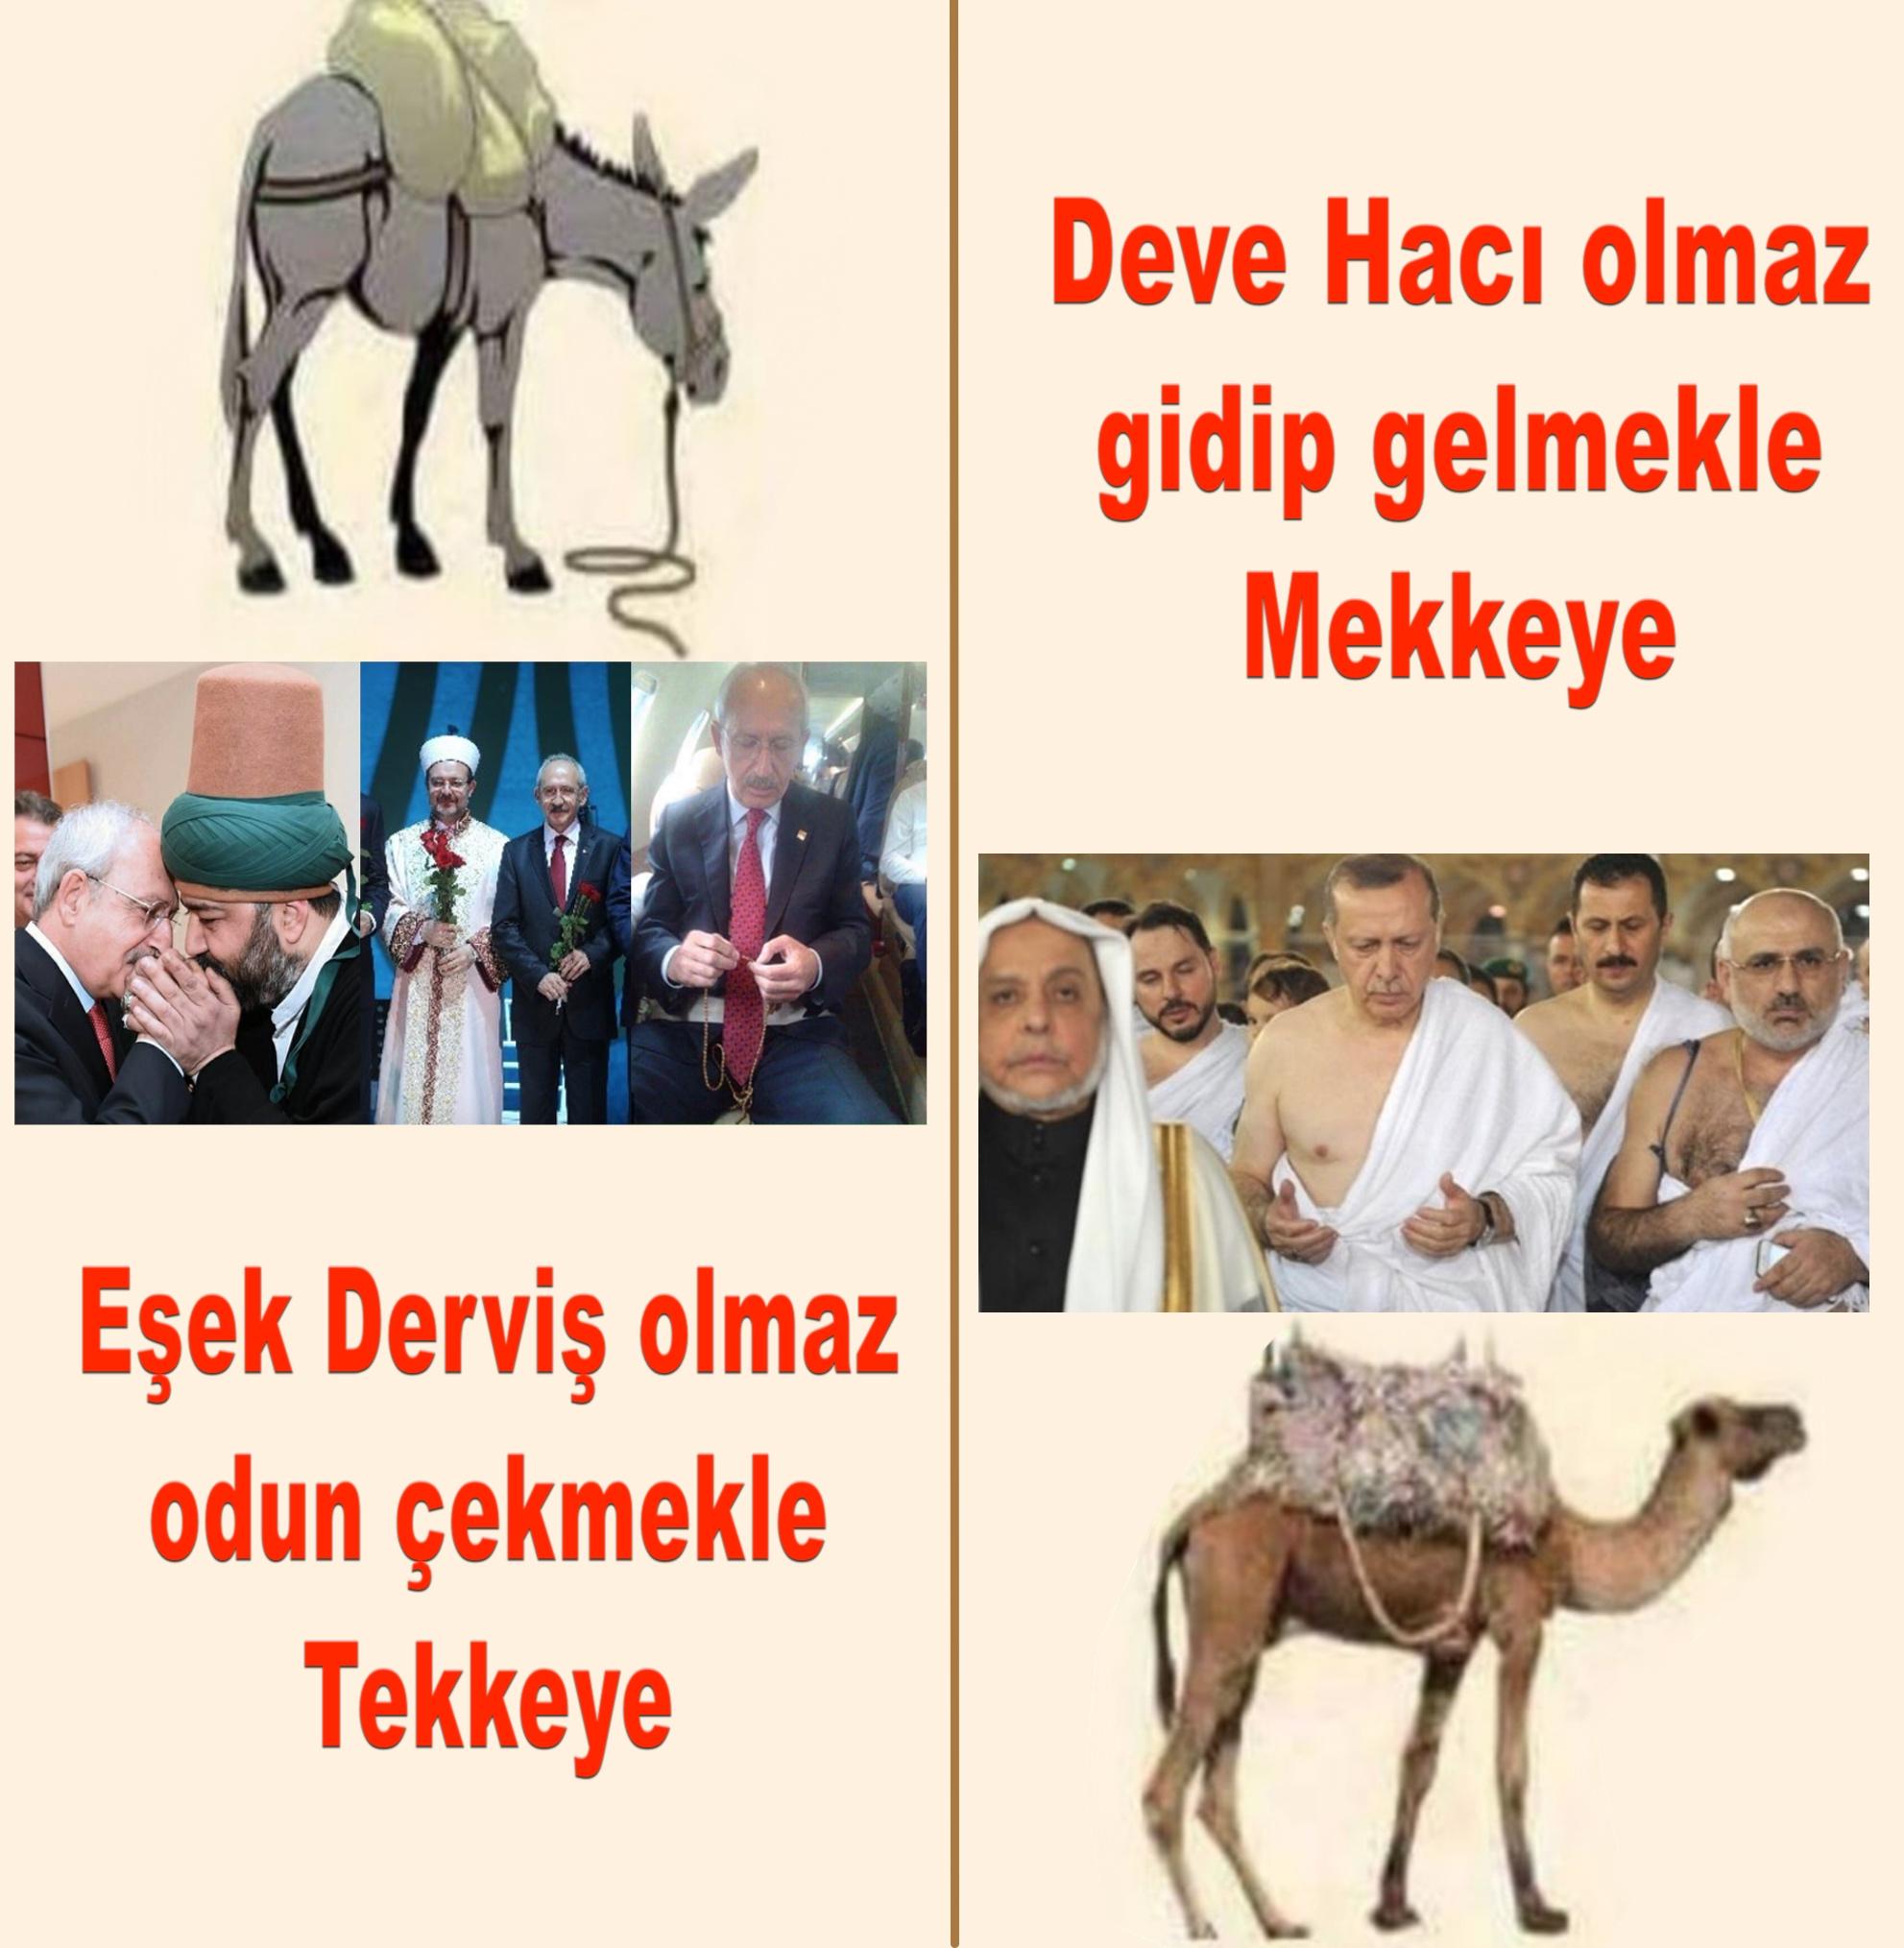 Devrimci Aleviler Birliği DAB Alevi Kızılbaş Bektaşi pir sultan cem hz Ali 12 imam semah Feramuz Şah Acar esek deve kemal erdogan 2 copy